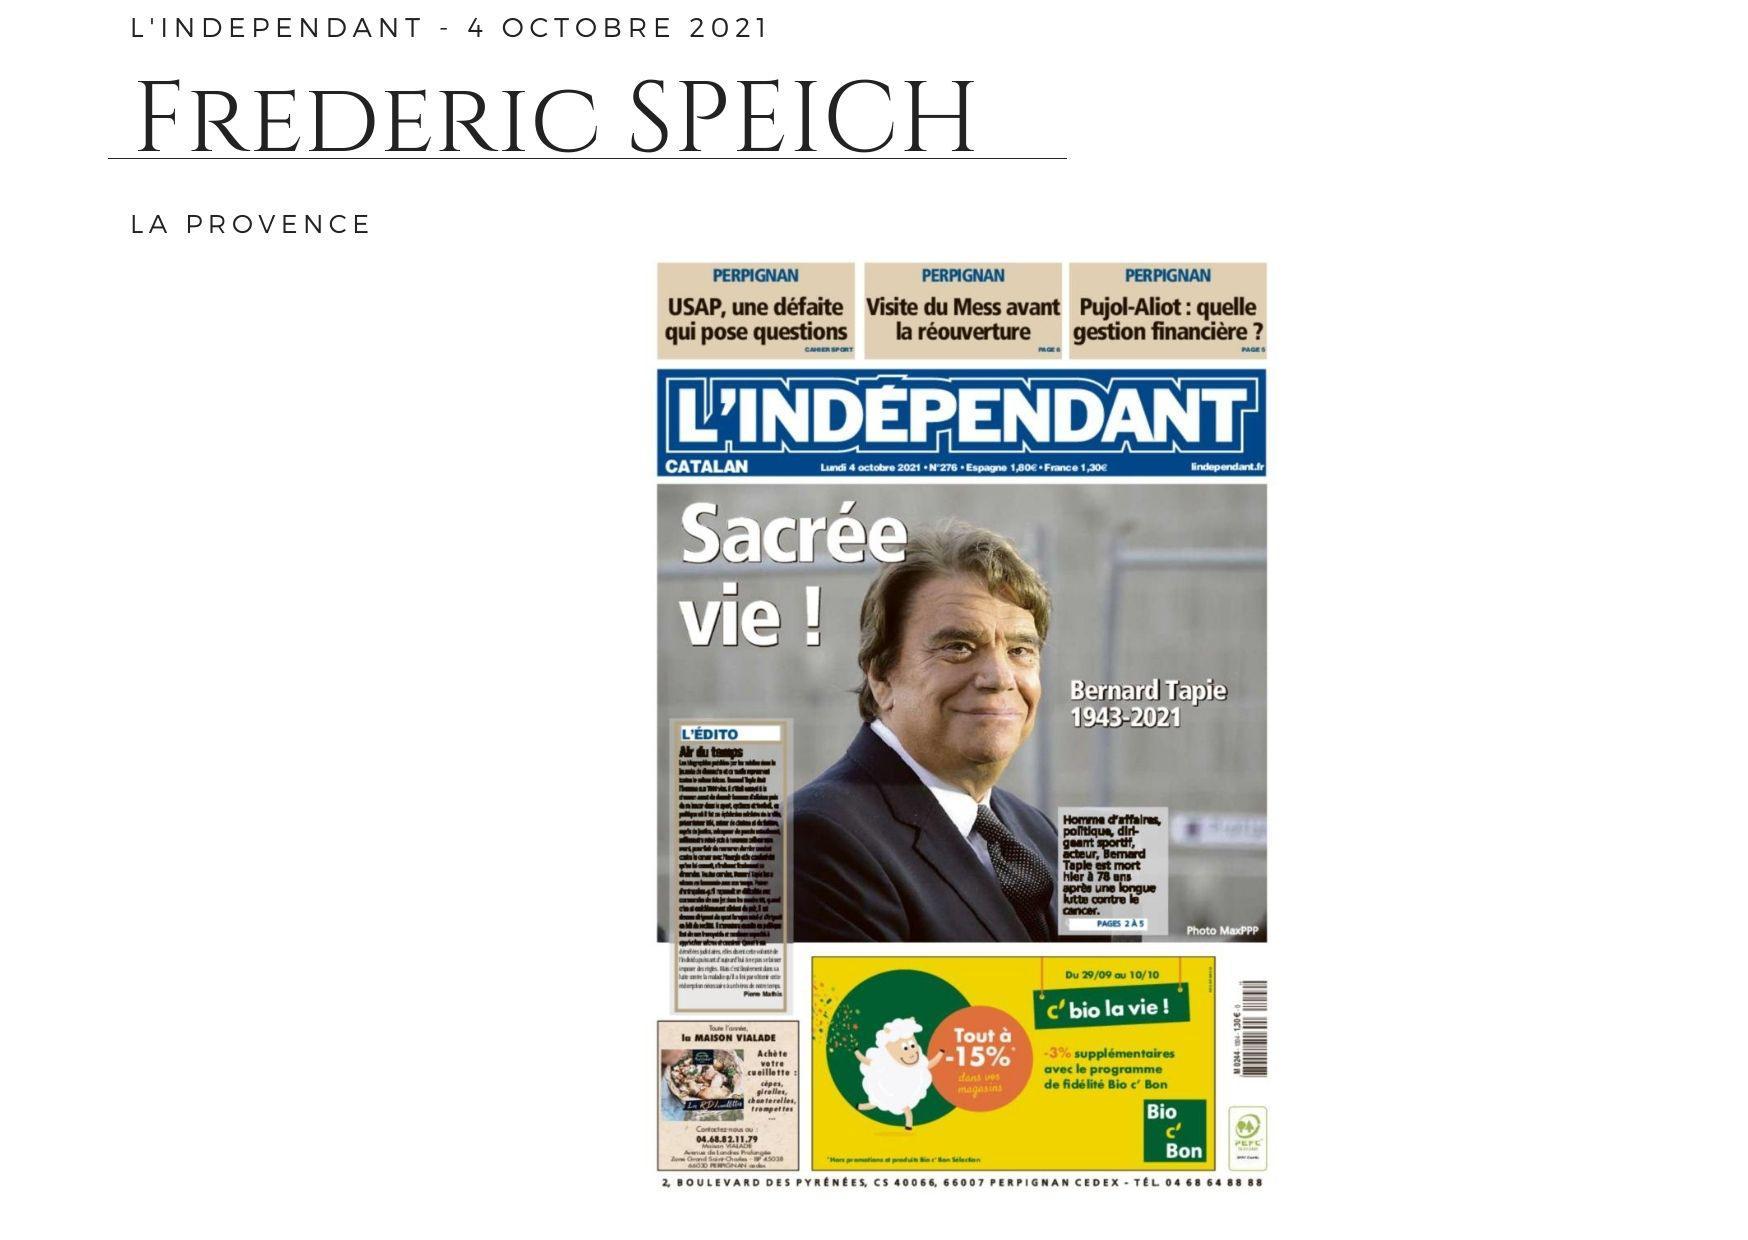 L'Indépendant - 4 octobre 2021